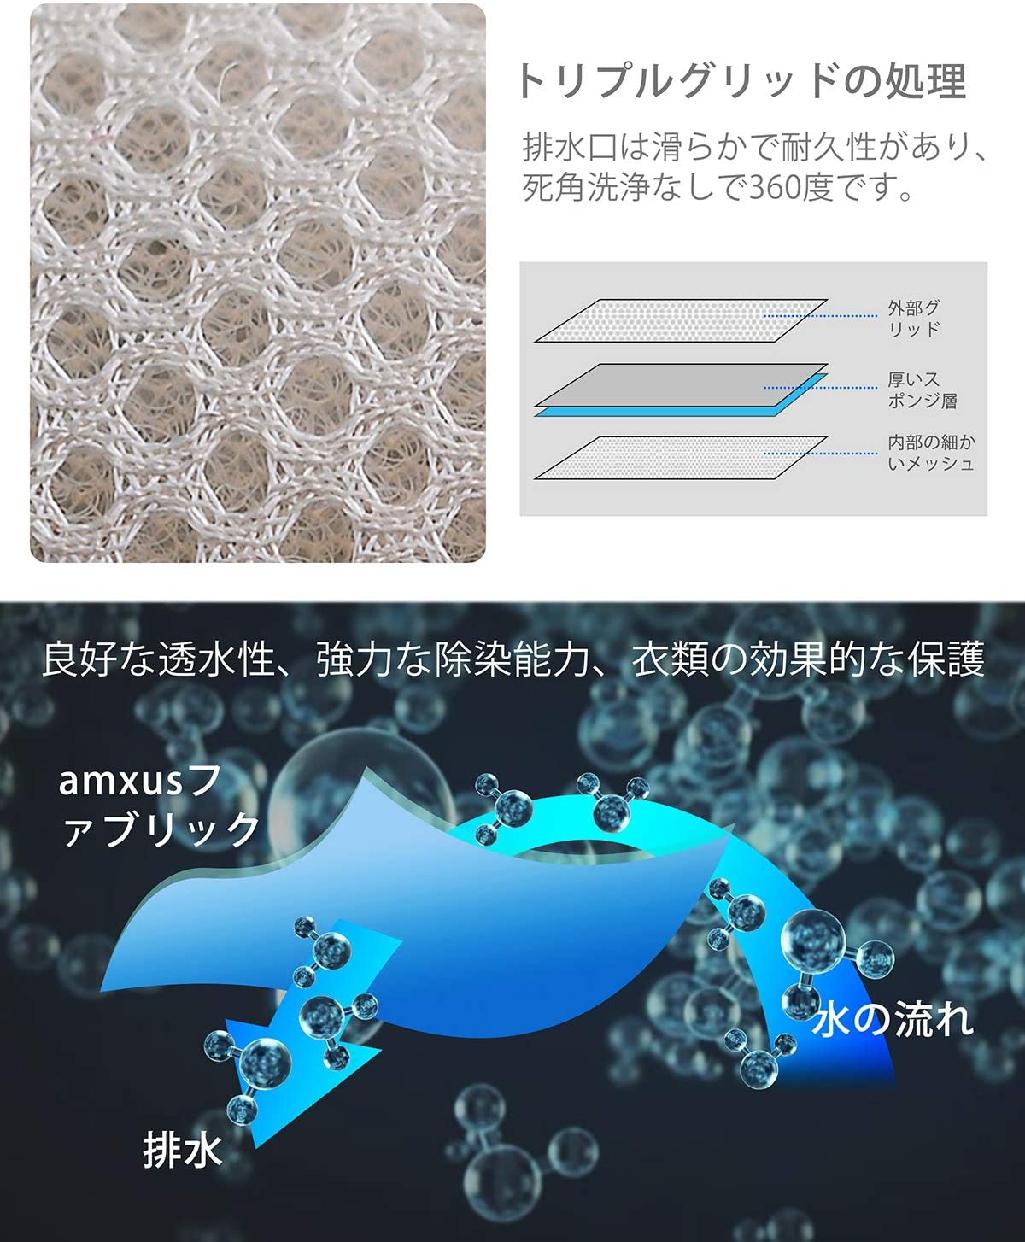 amxus(アンサス) 洗濯ネットの商品画像4